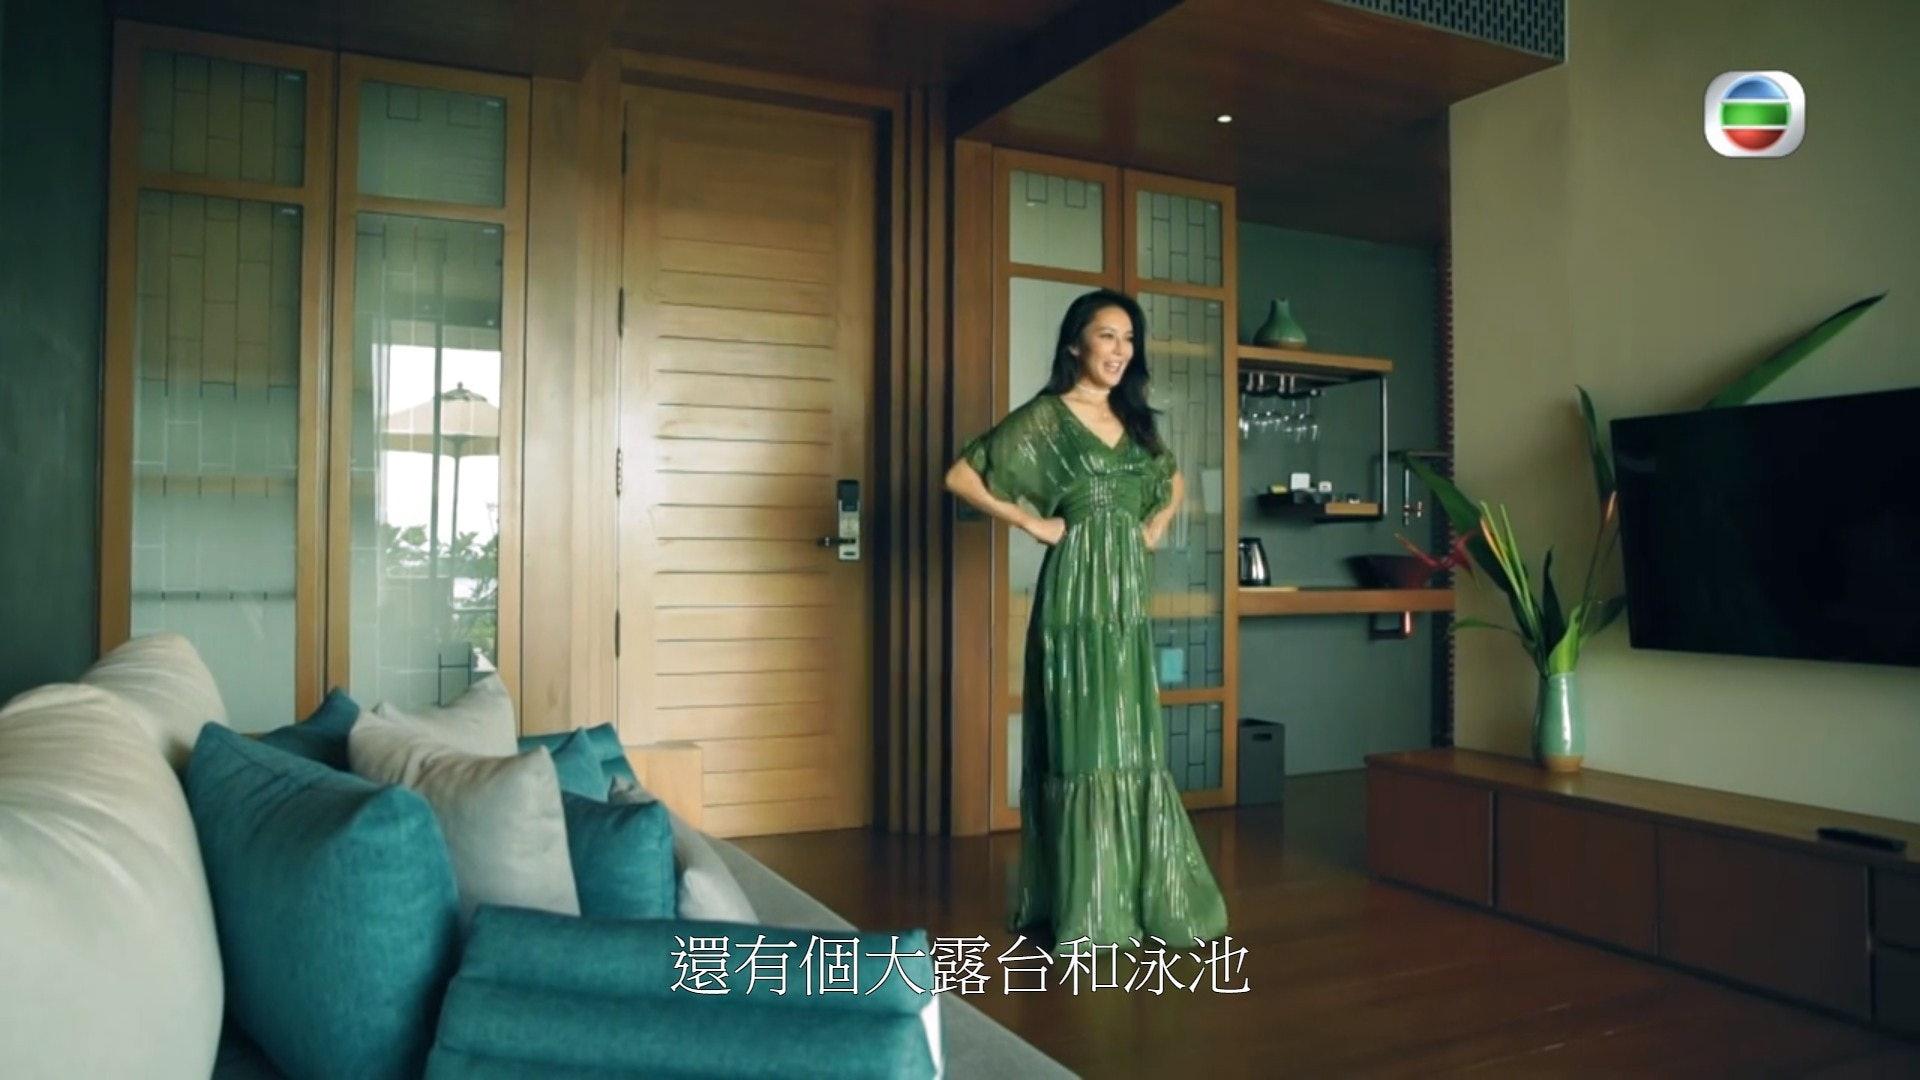 介紹酒店部份,用了多角度拍攝。(電視截圖)